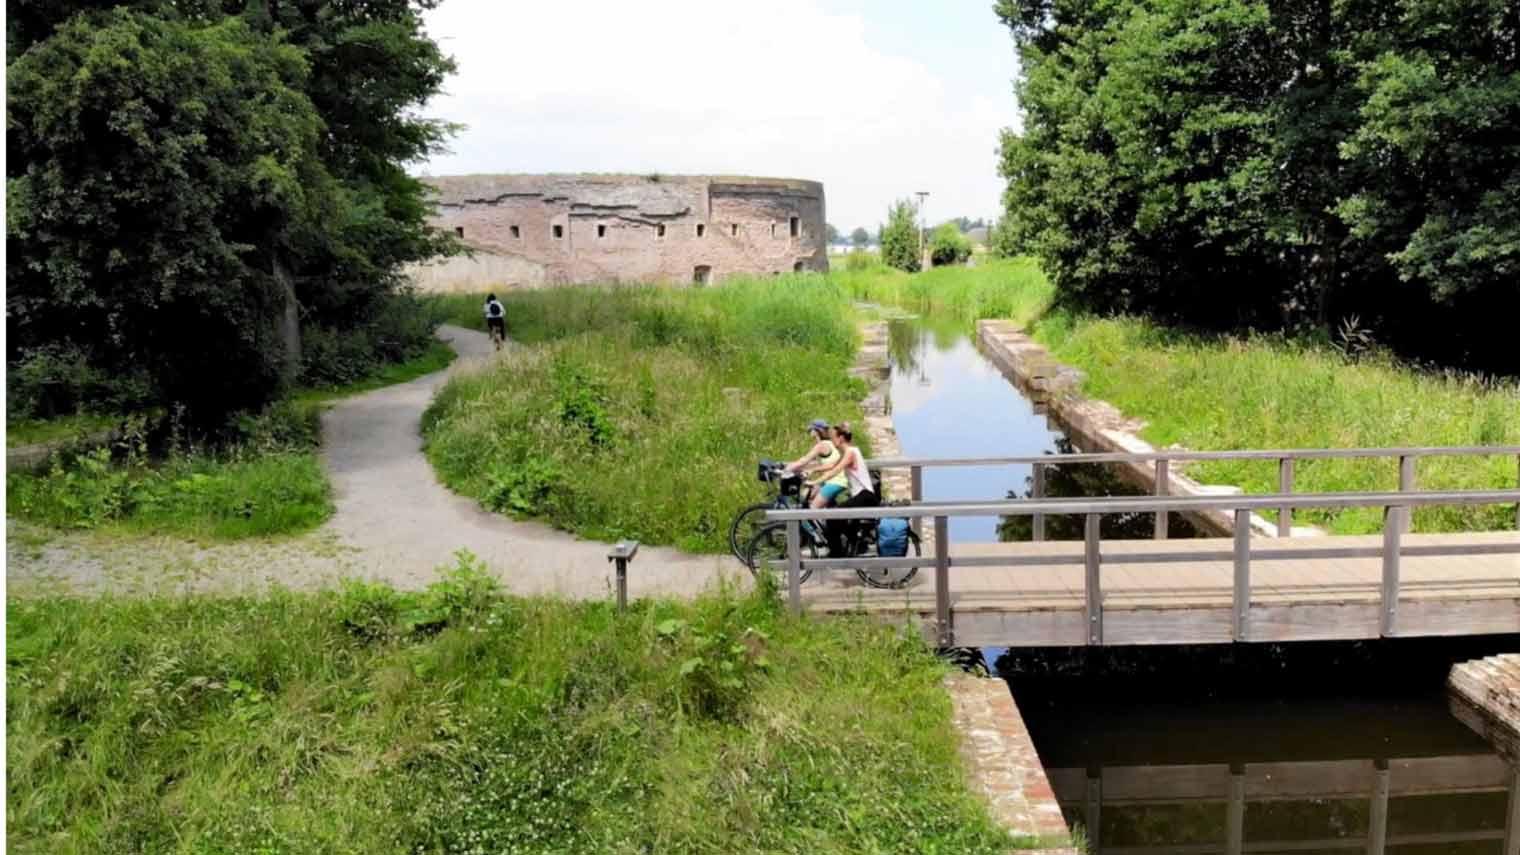 ANWB fietsroute: De verborgen schatten van drie waterlinies